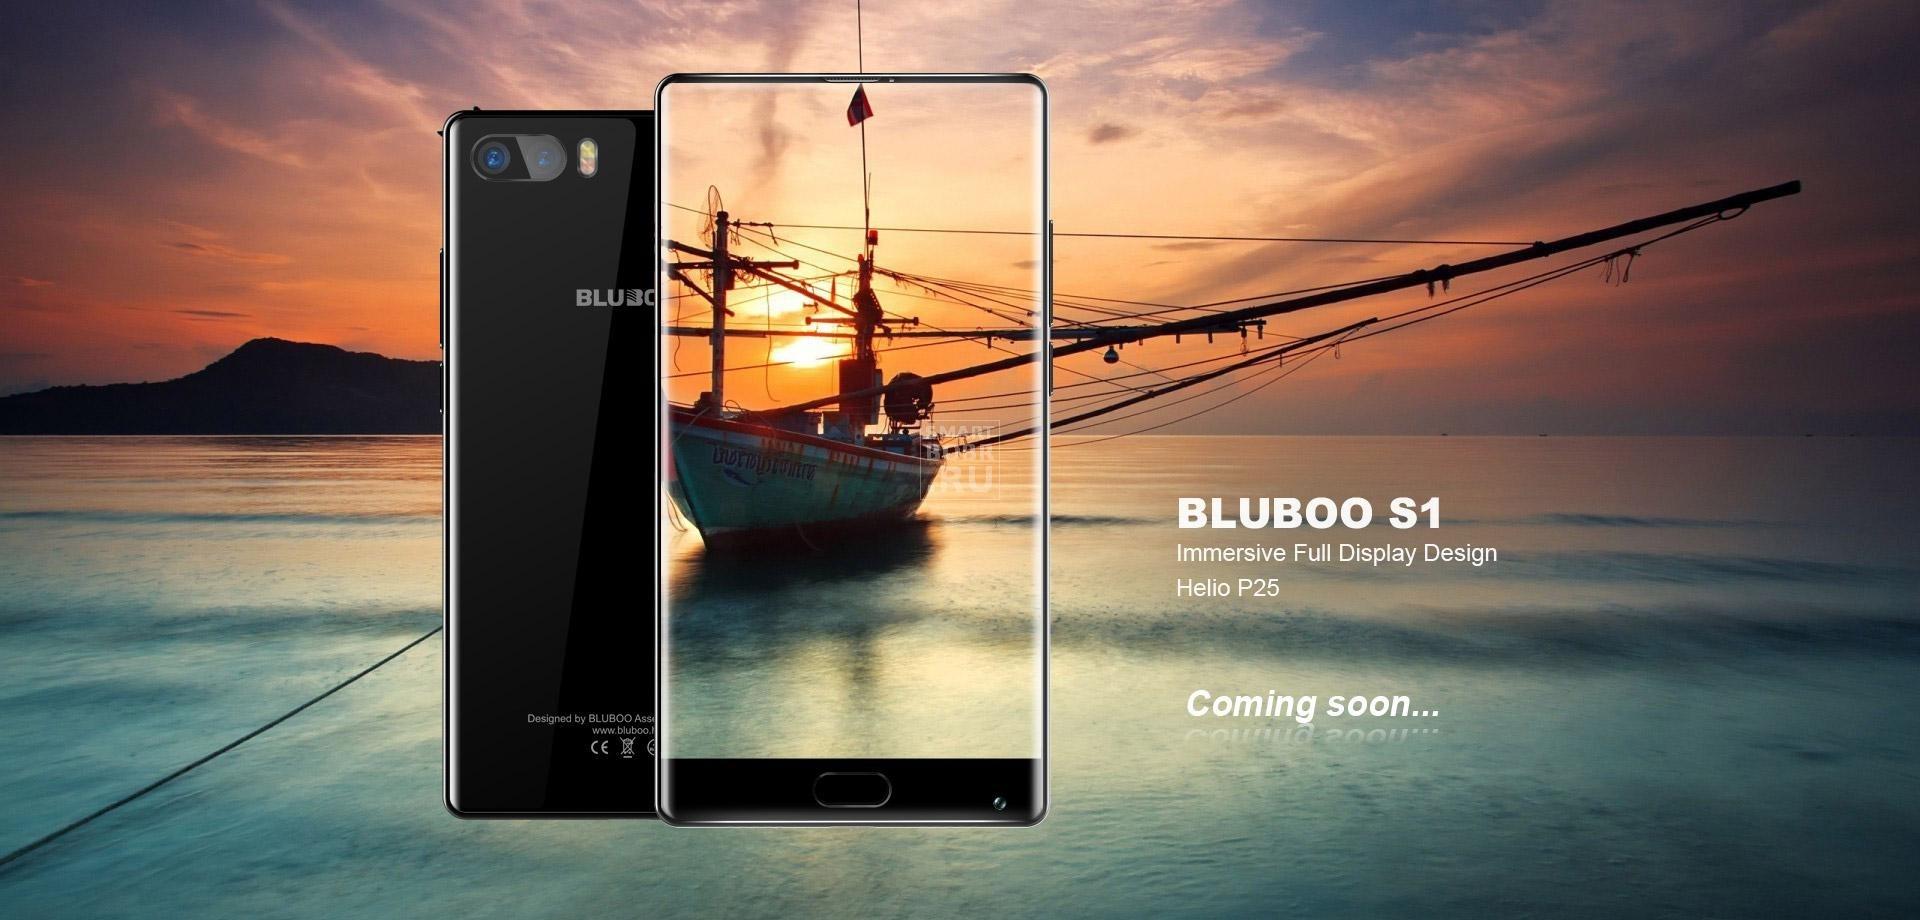 BlubooS1